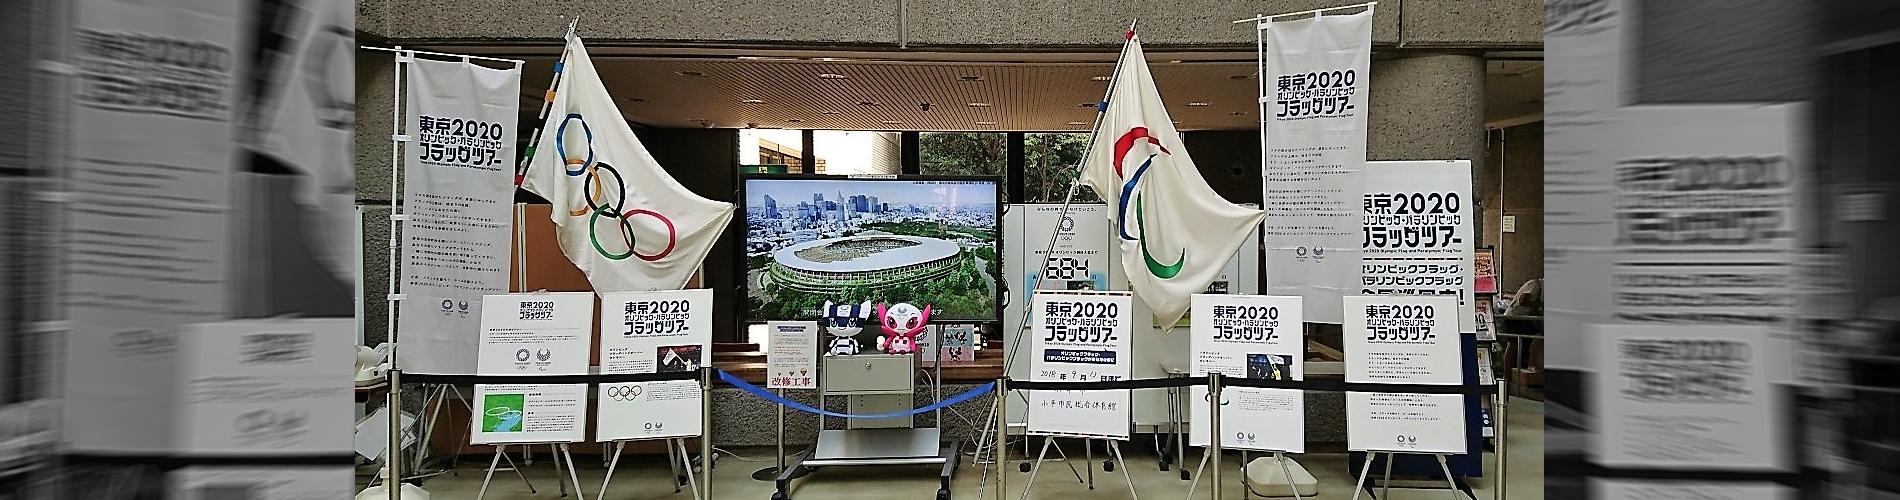 東京2020 オリンピック・パラリンピック フラッグツアー 開催中